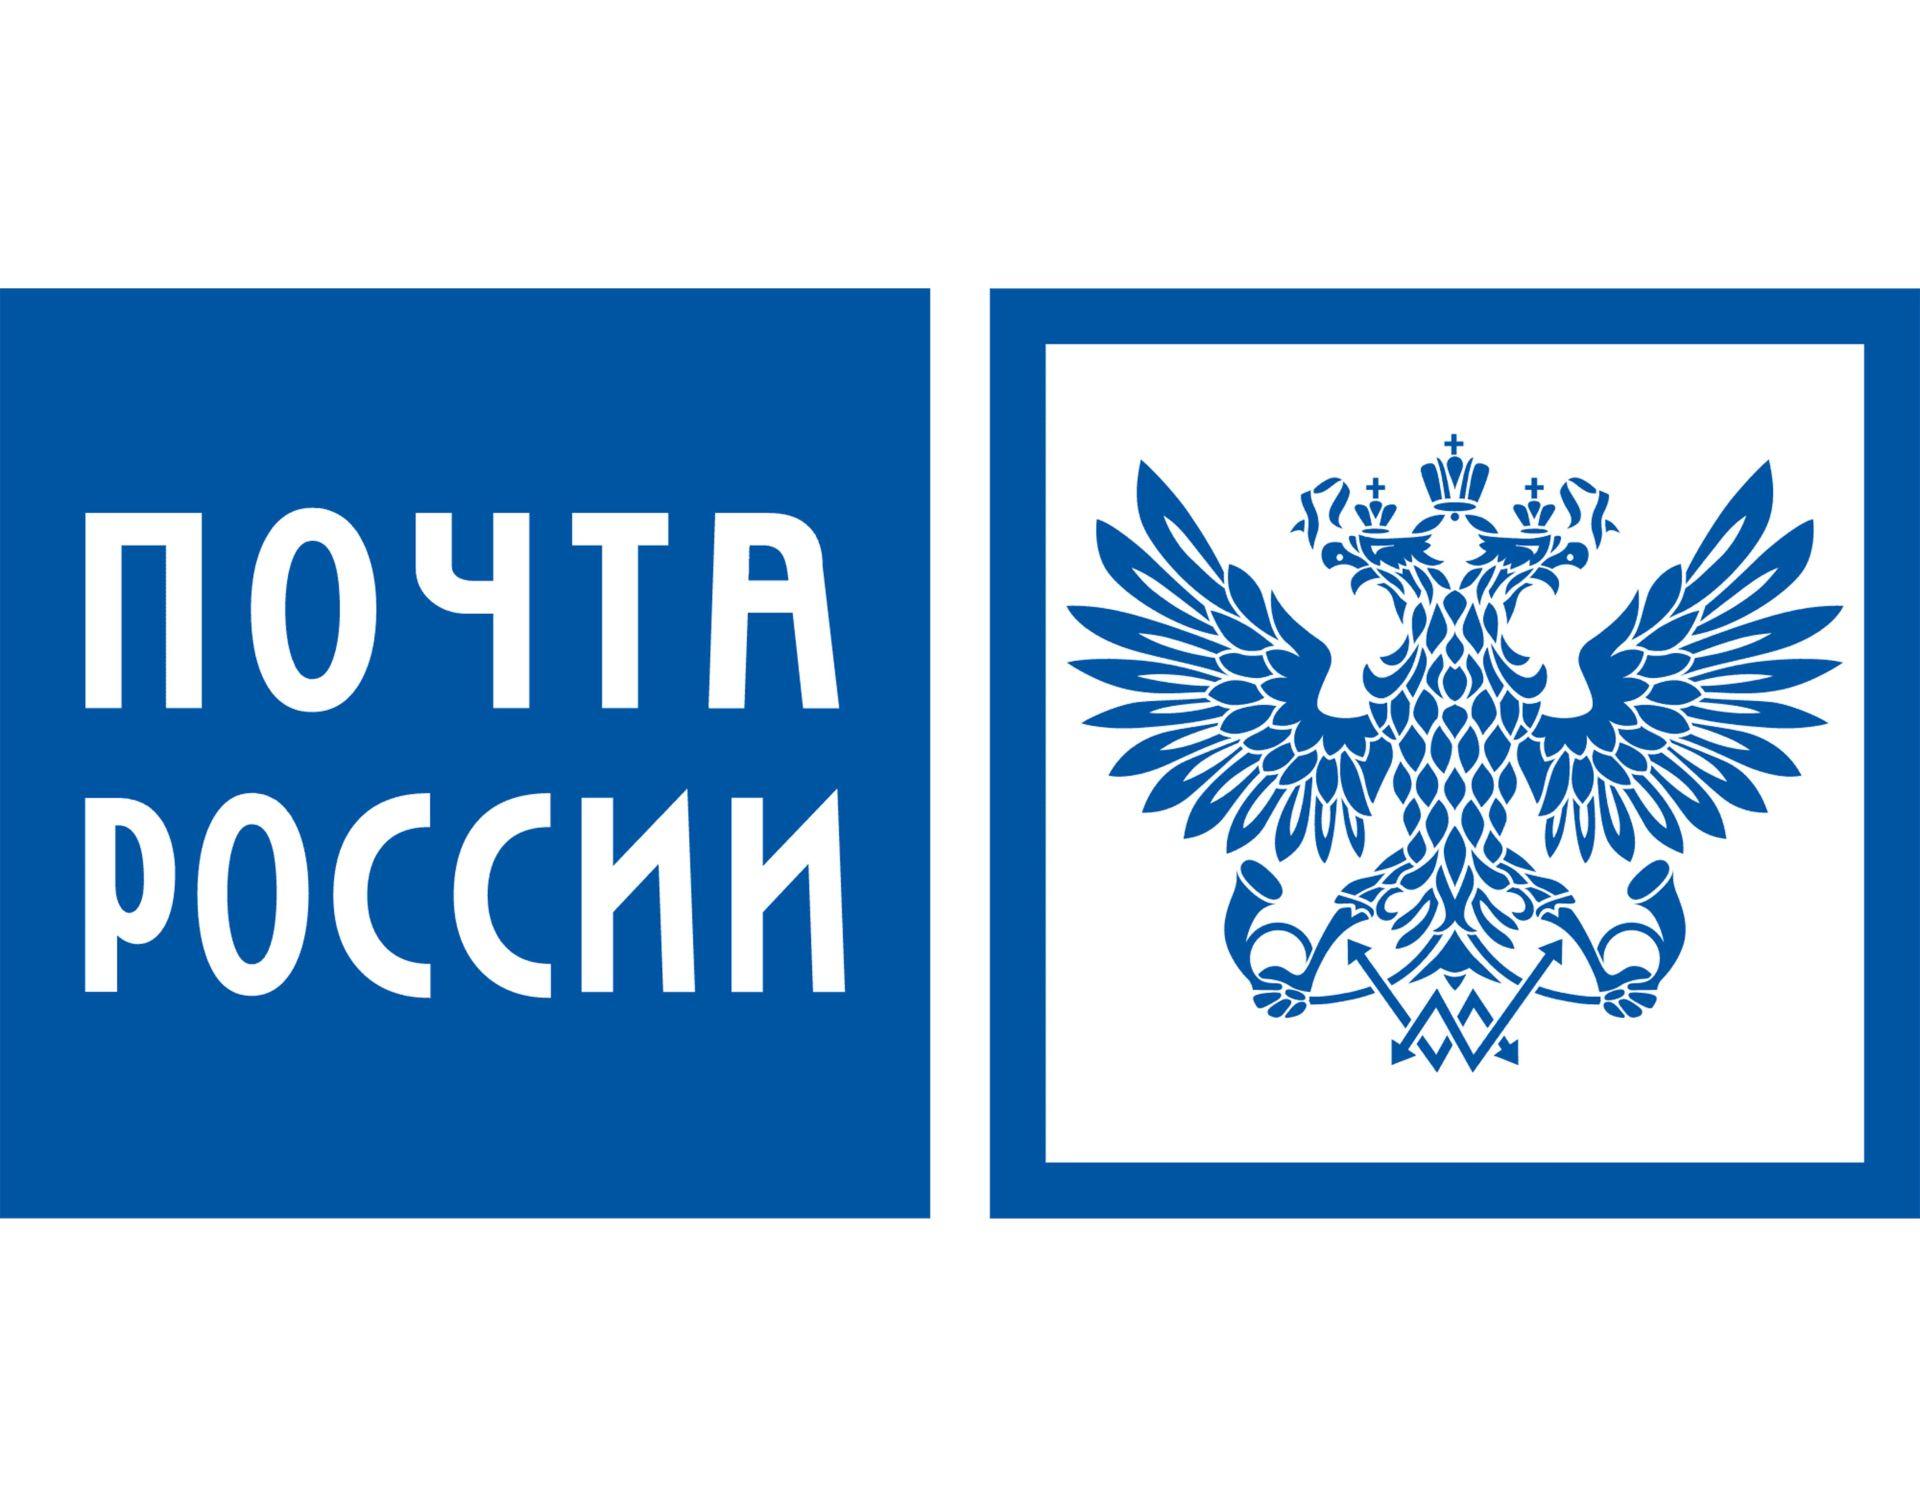 В период ноябрьских распродаж Почта России обработала более 5 млн писем и посылок в Ростовской области